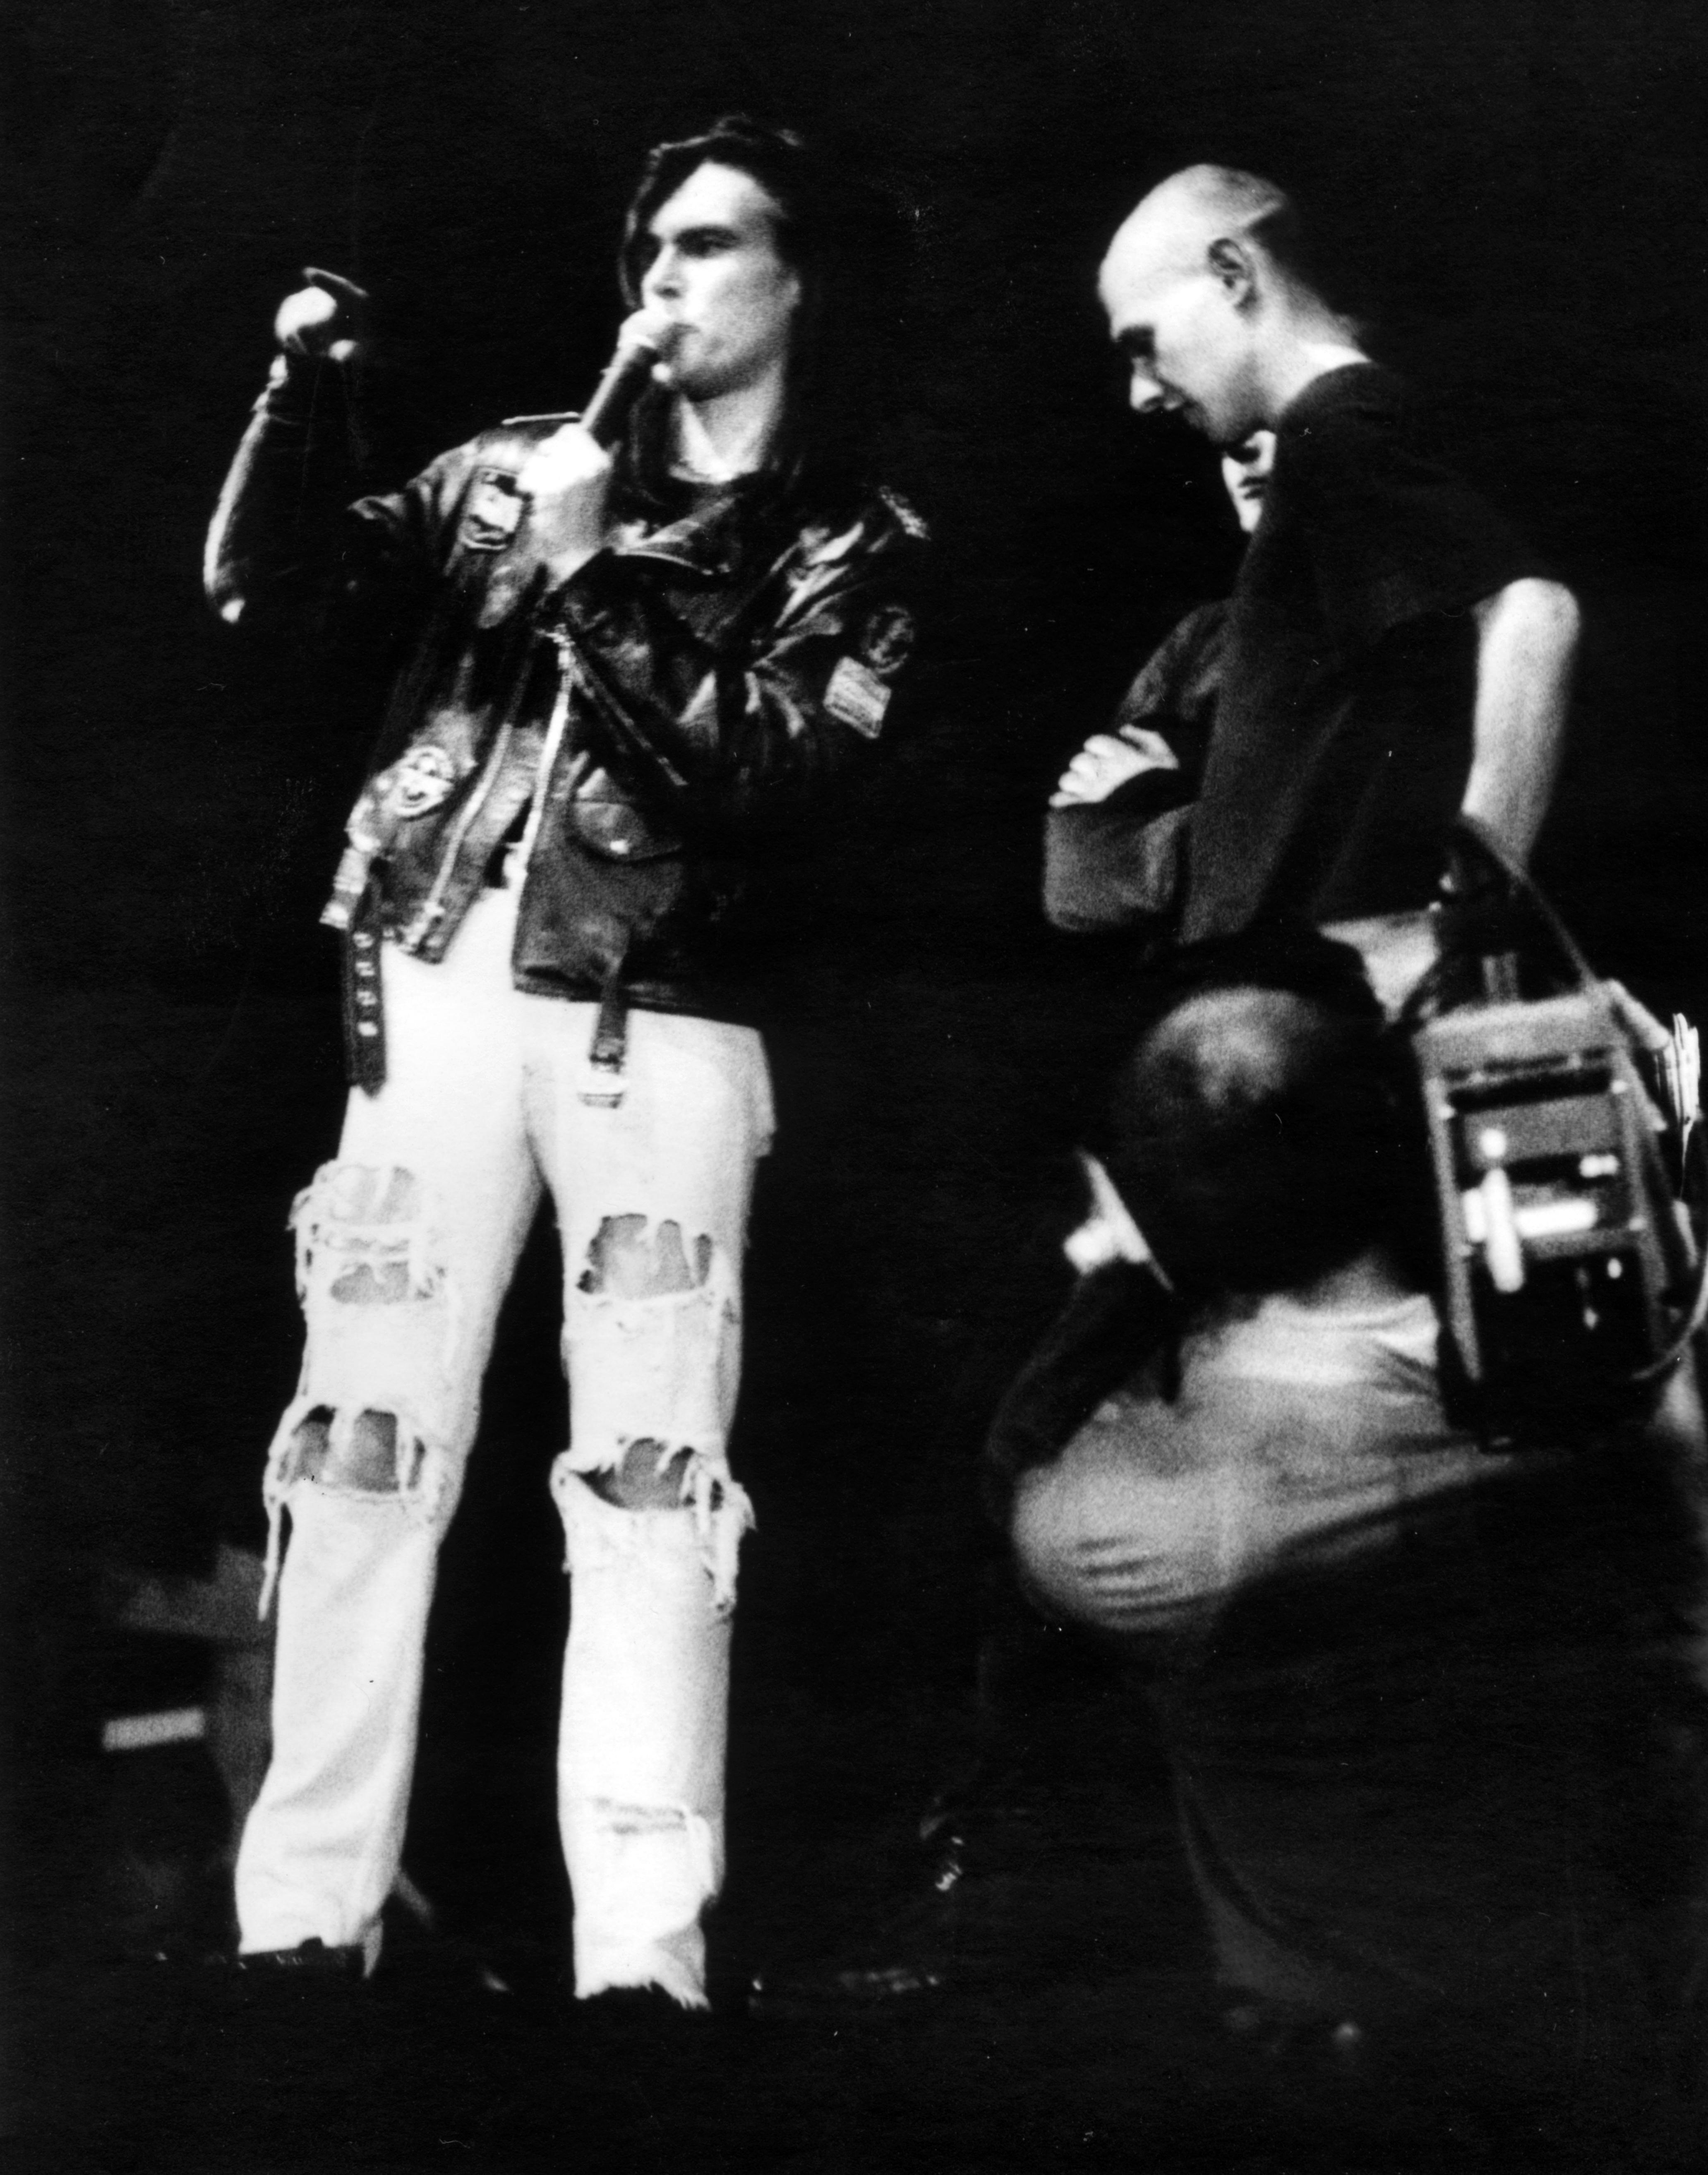 Arrival @ Igor's Pop Show 1993